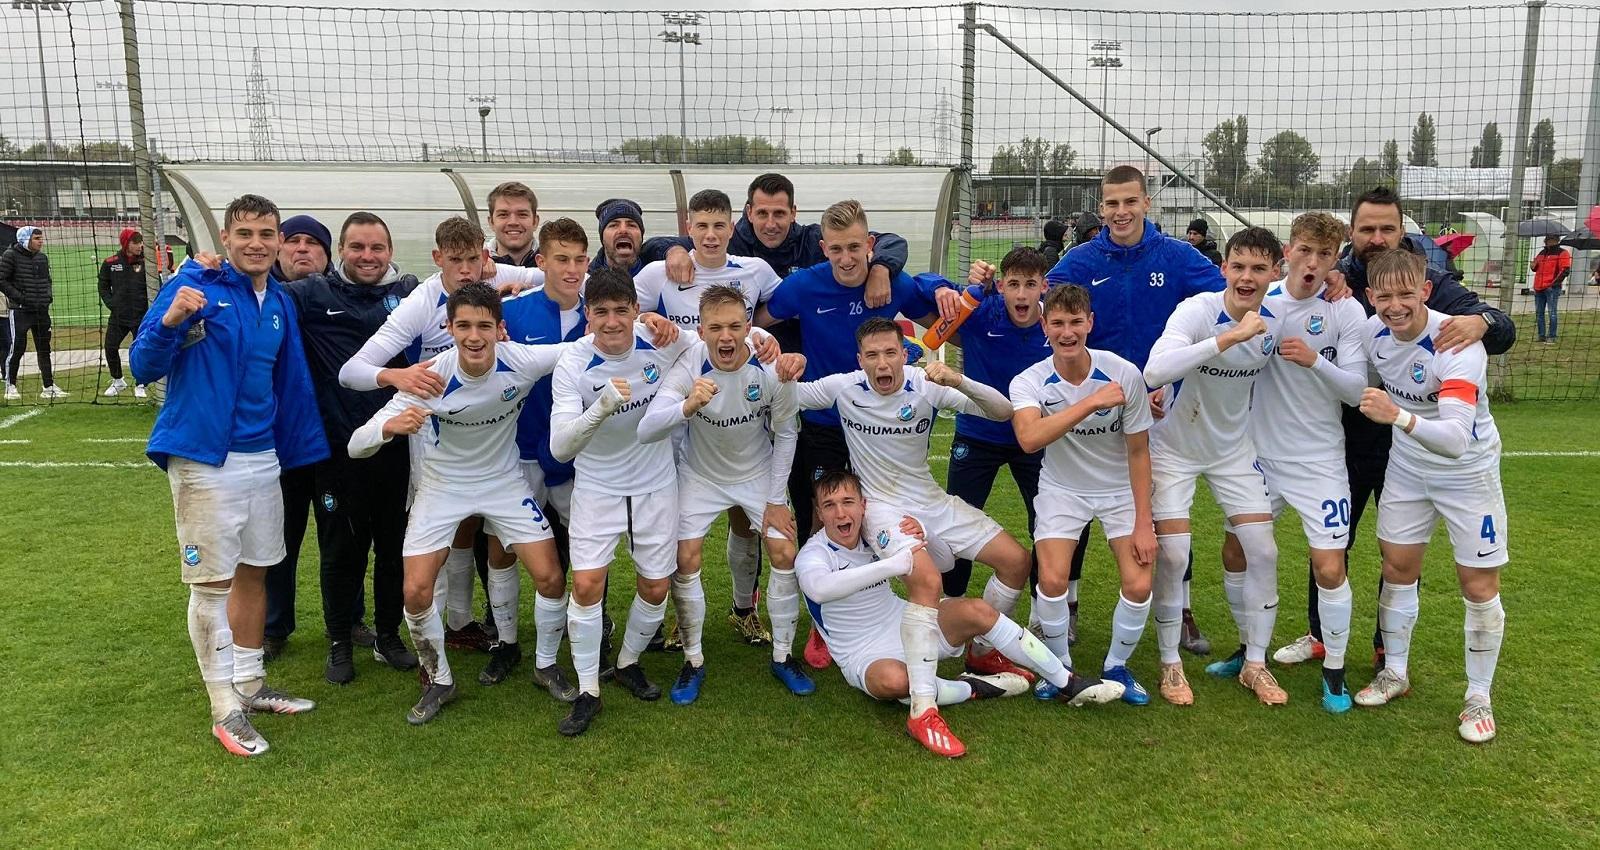 U19: Legyőztük a Honvédot